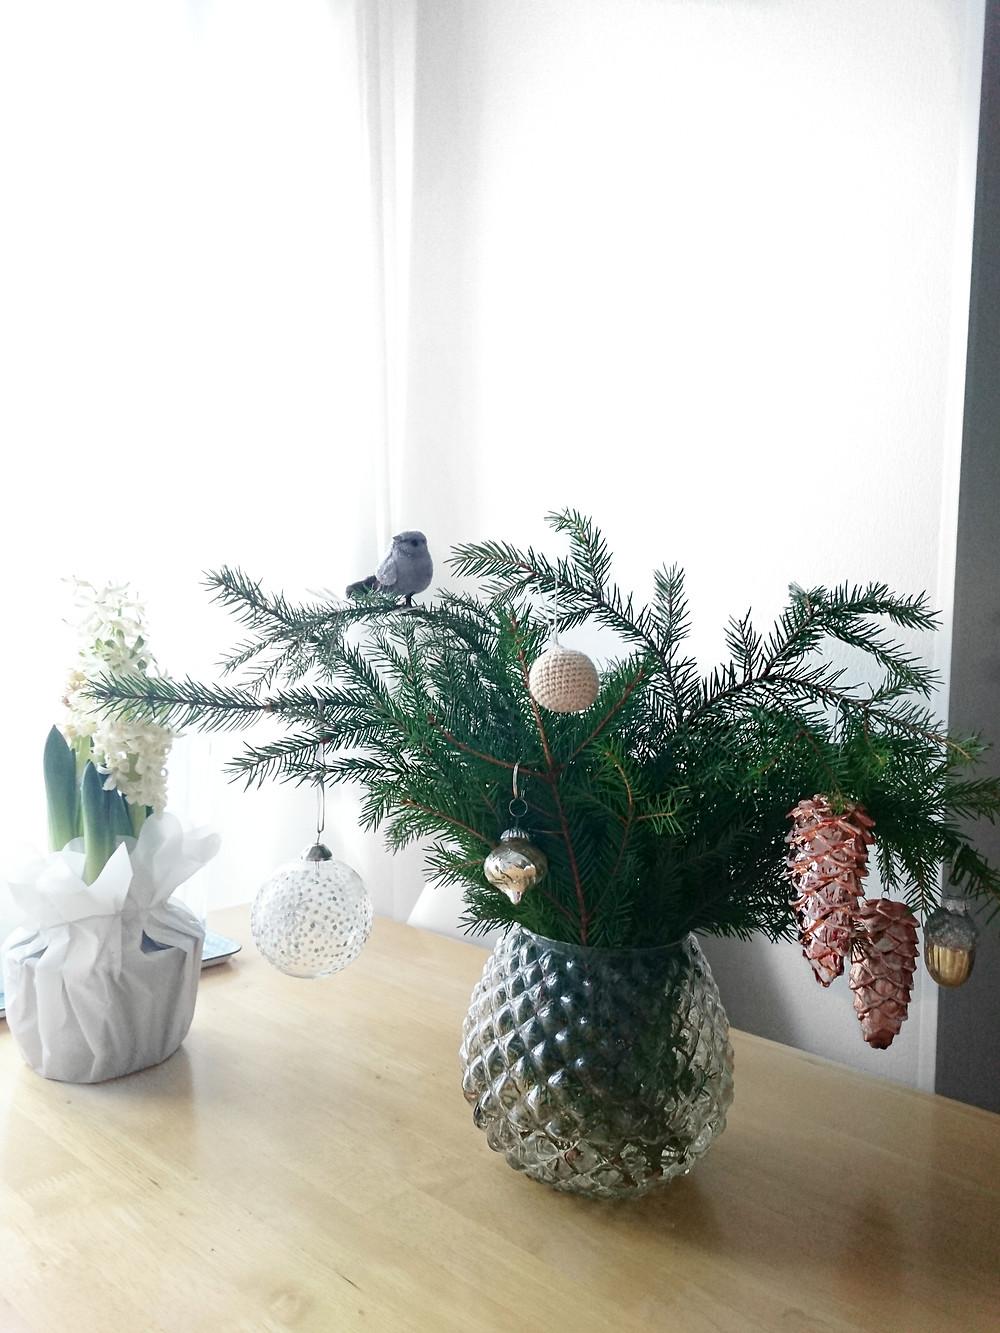 Kuusenoksia on kerätty maljakkoon ja oksiin on ripustettu muutamia joulukoristeita.